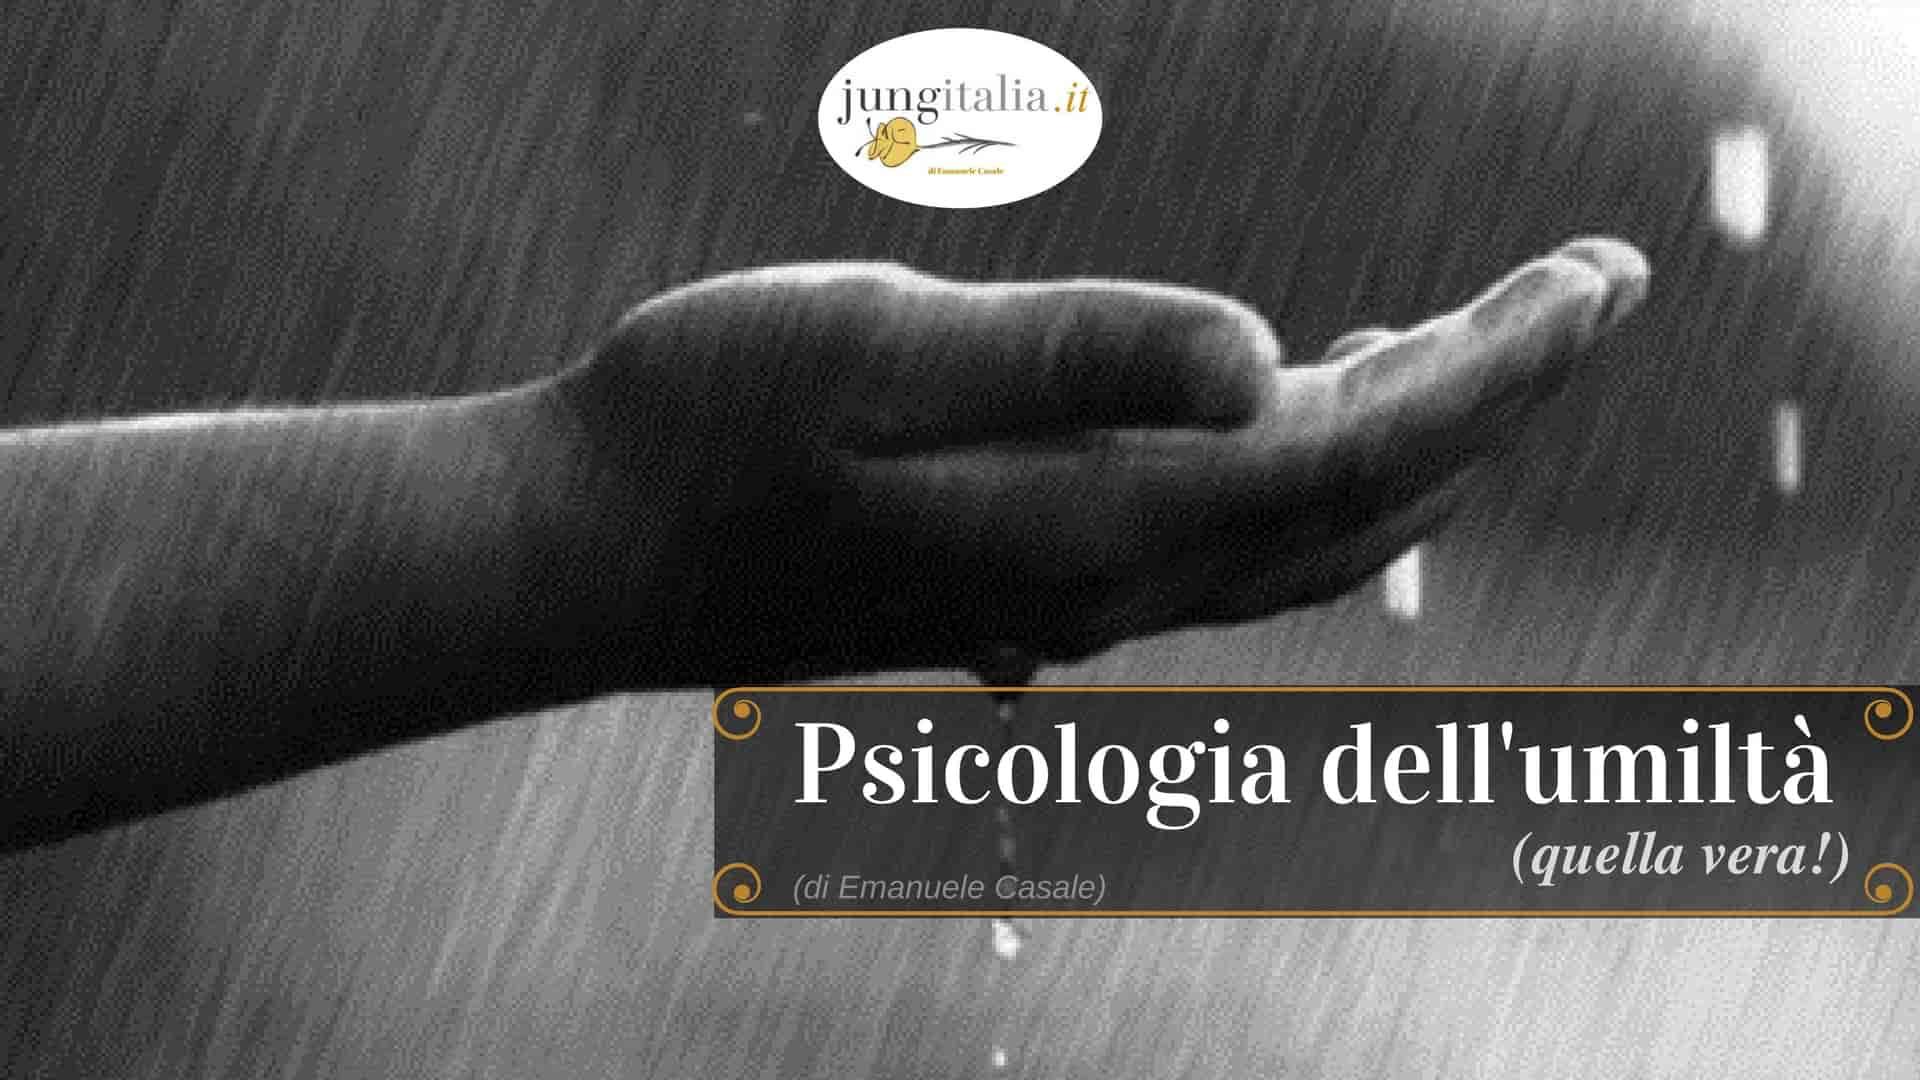 Psicologia dell'umiltà Emanuele Casale